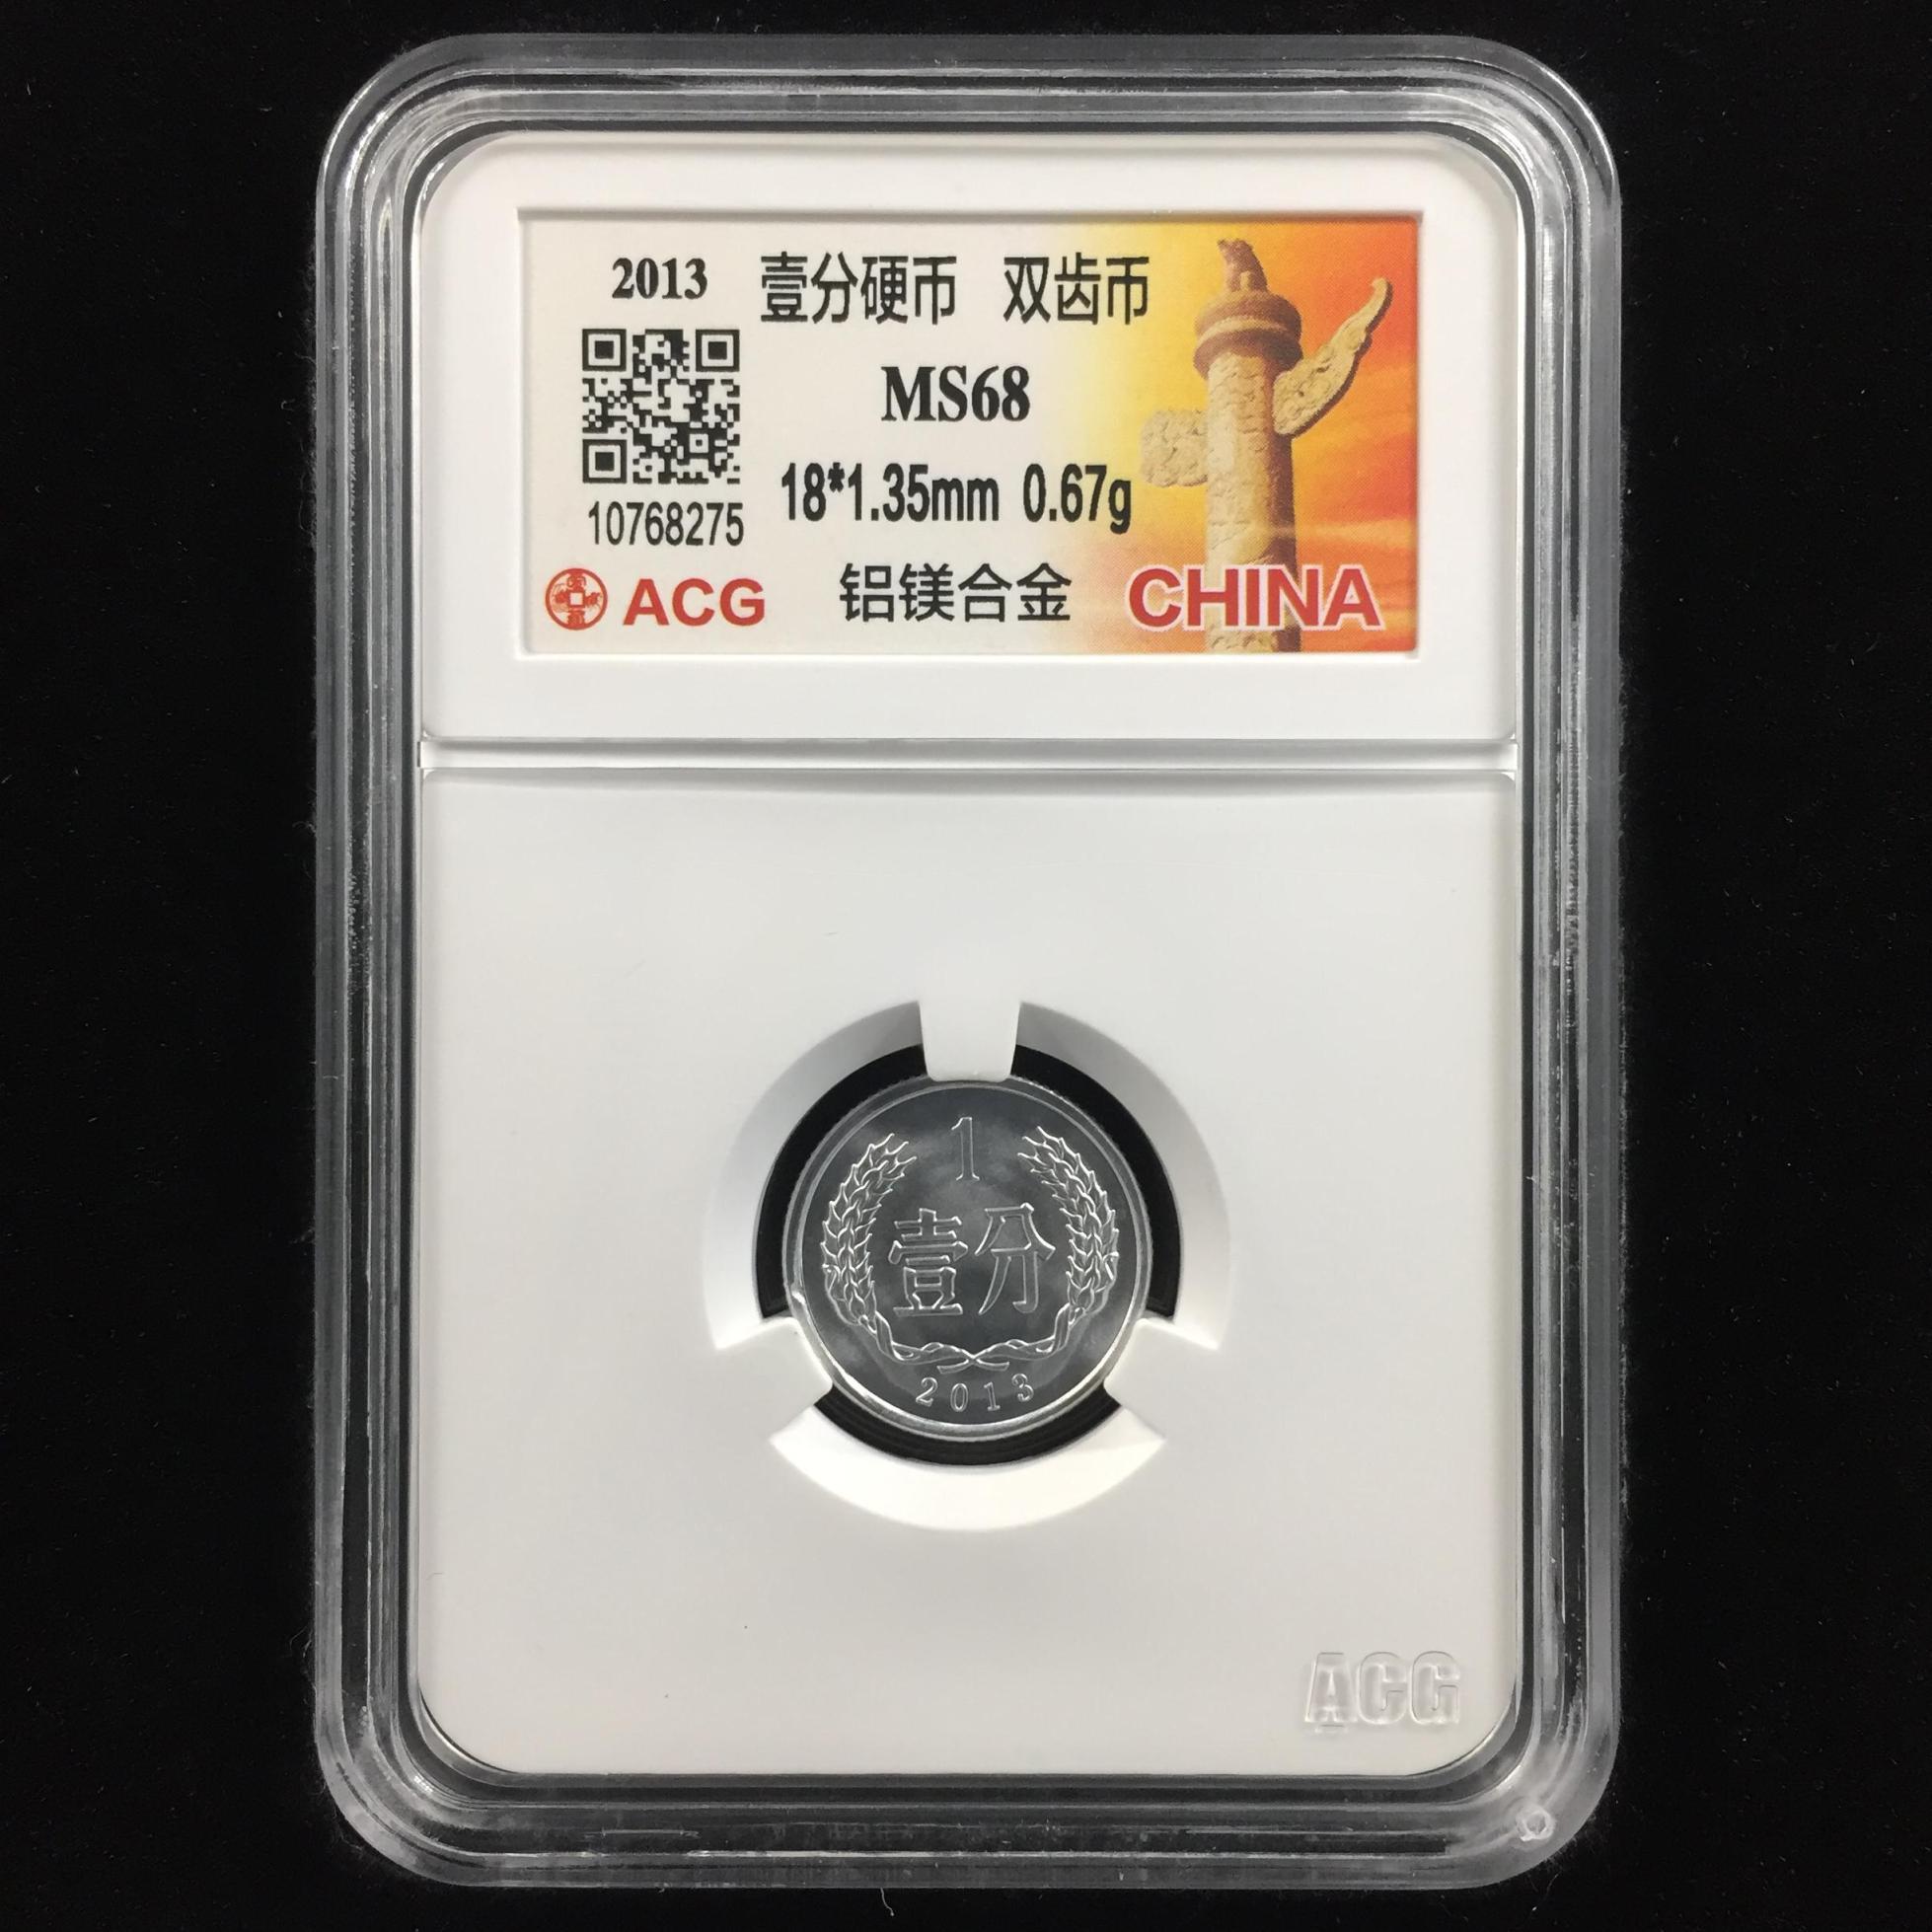 双齿币→2013年1分硬币→ACG鉴定证书-10768275